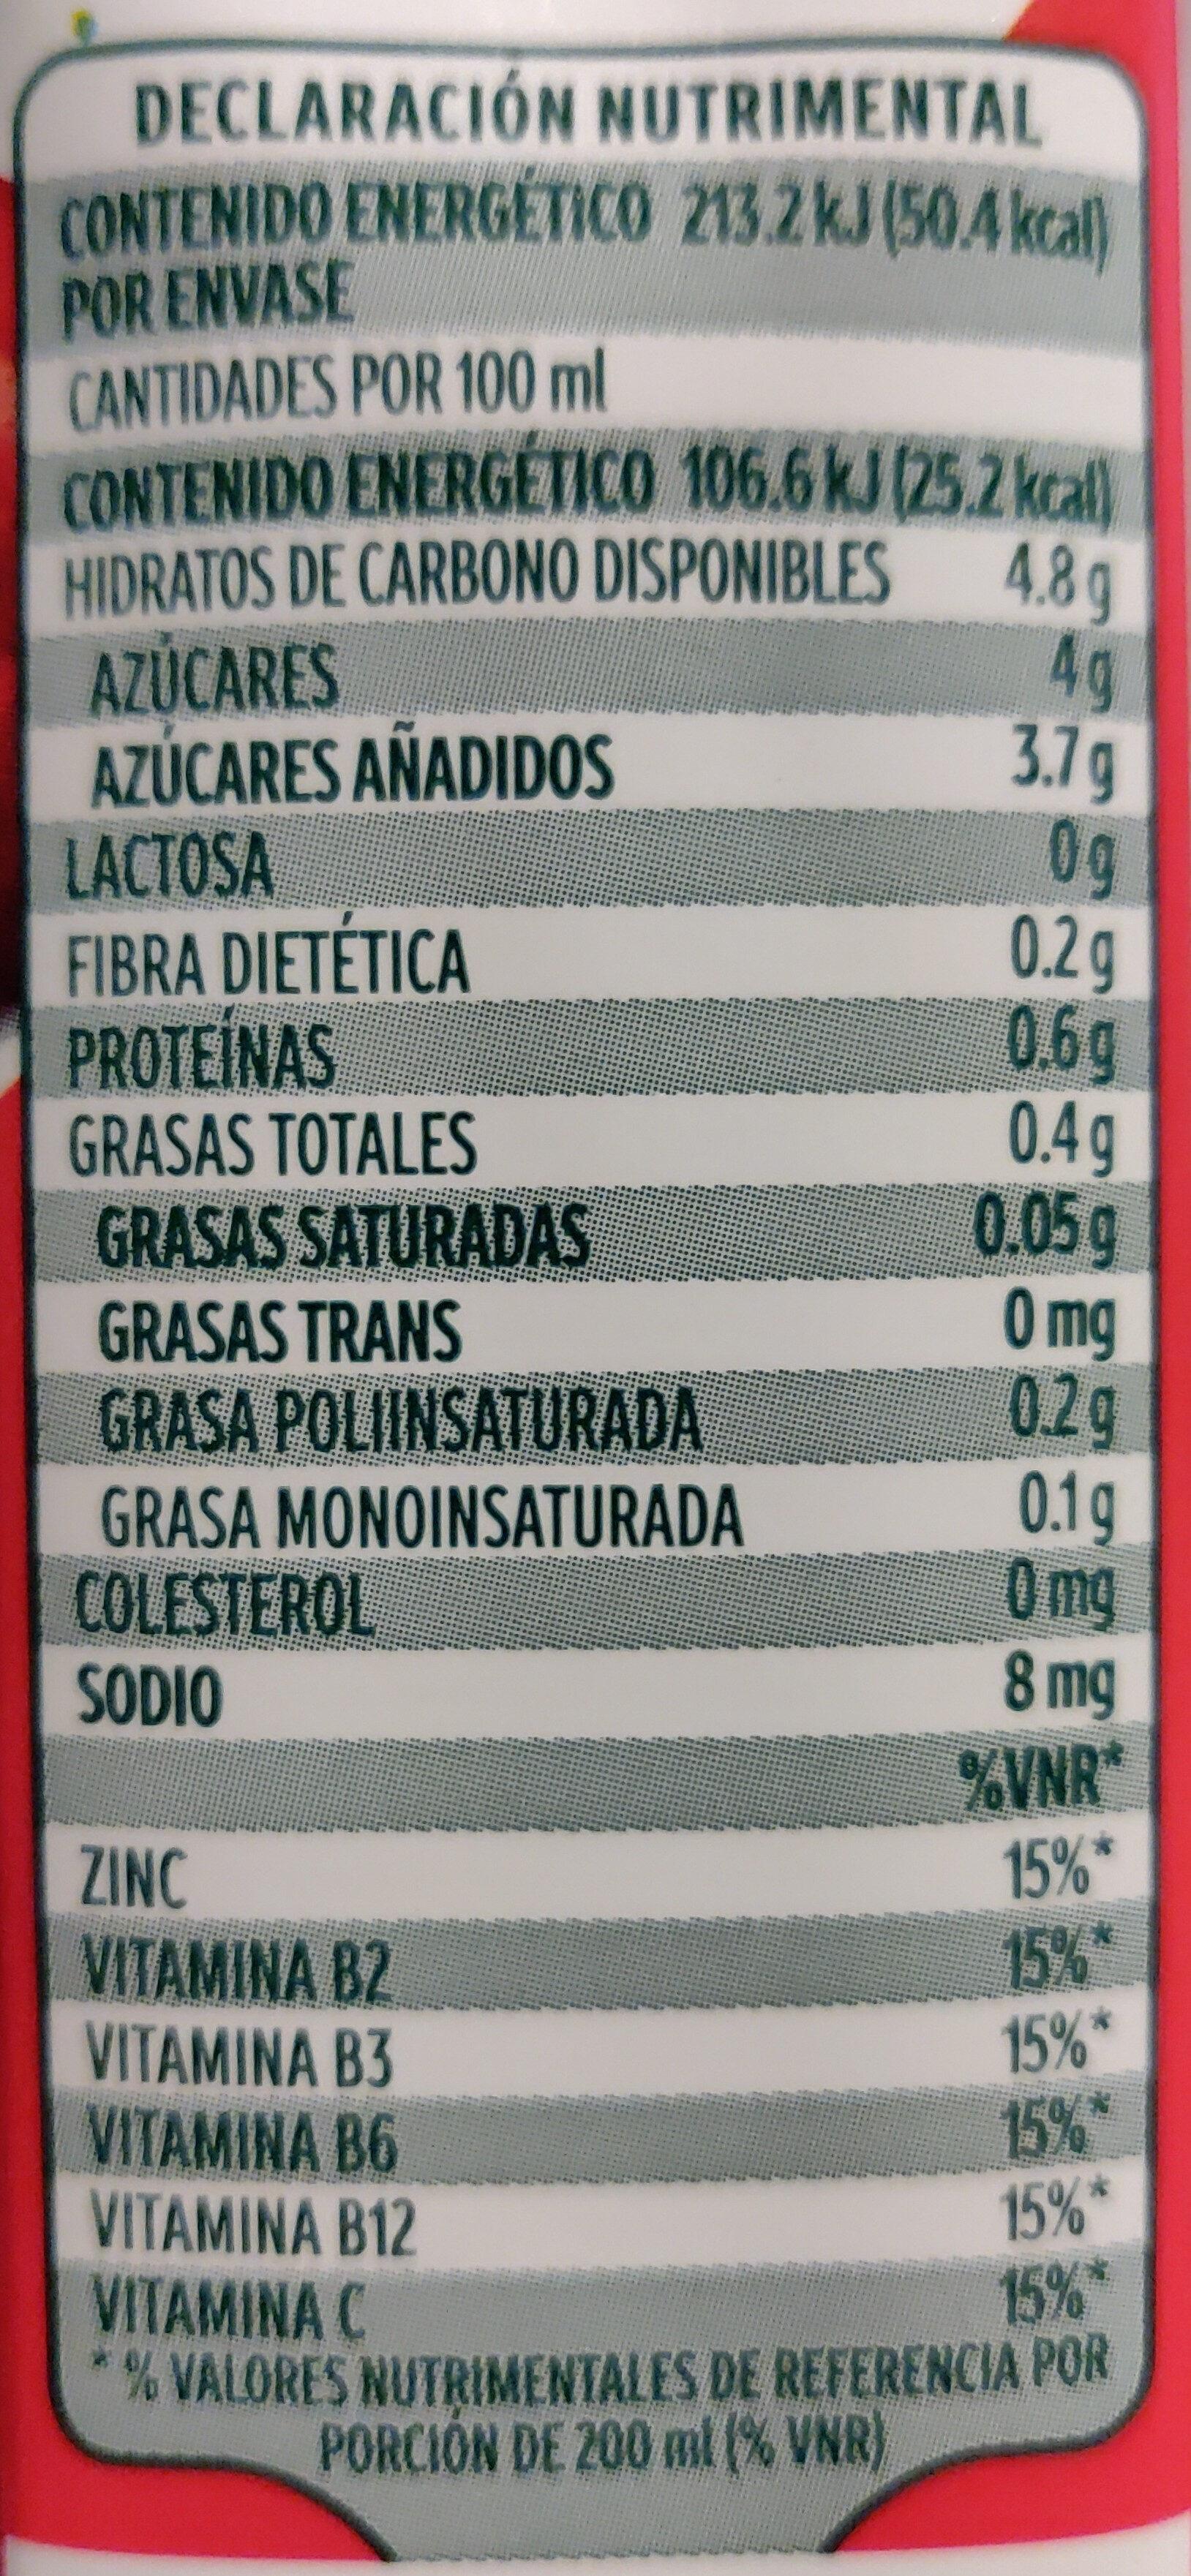 Soya + Jugo de manzana - Información nutricional - es